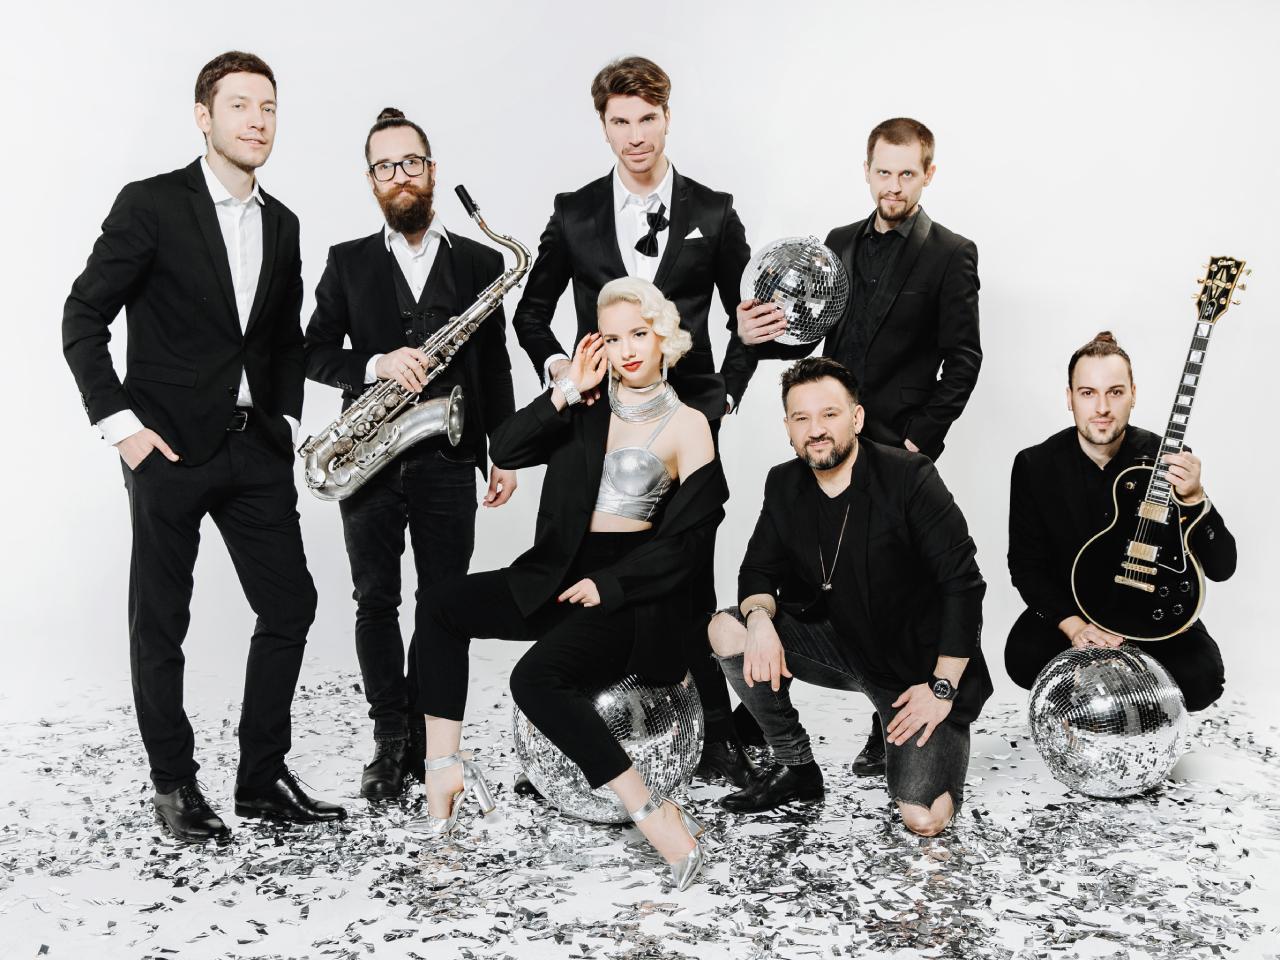 Vogue Band